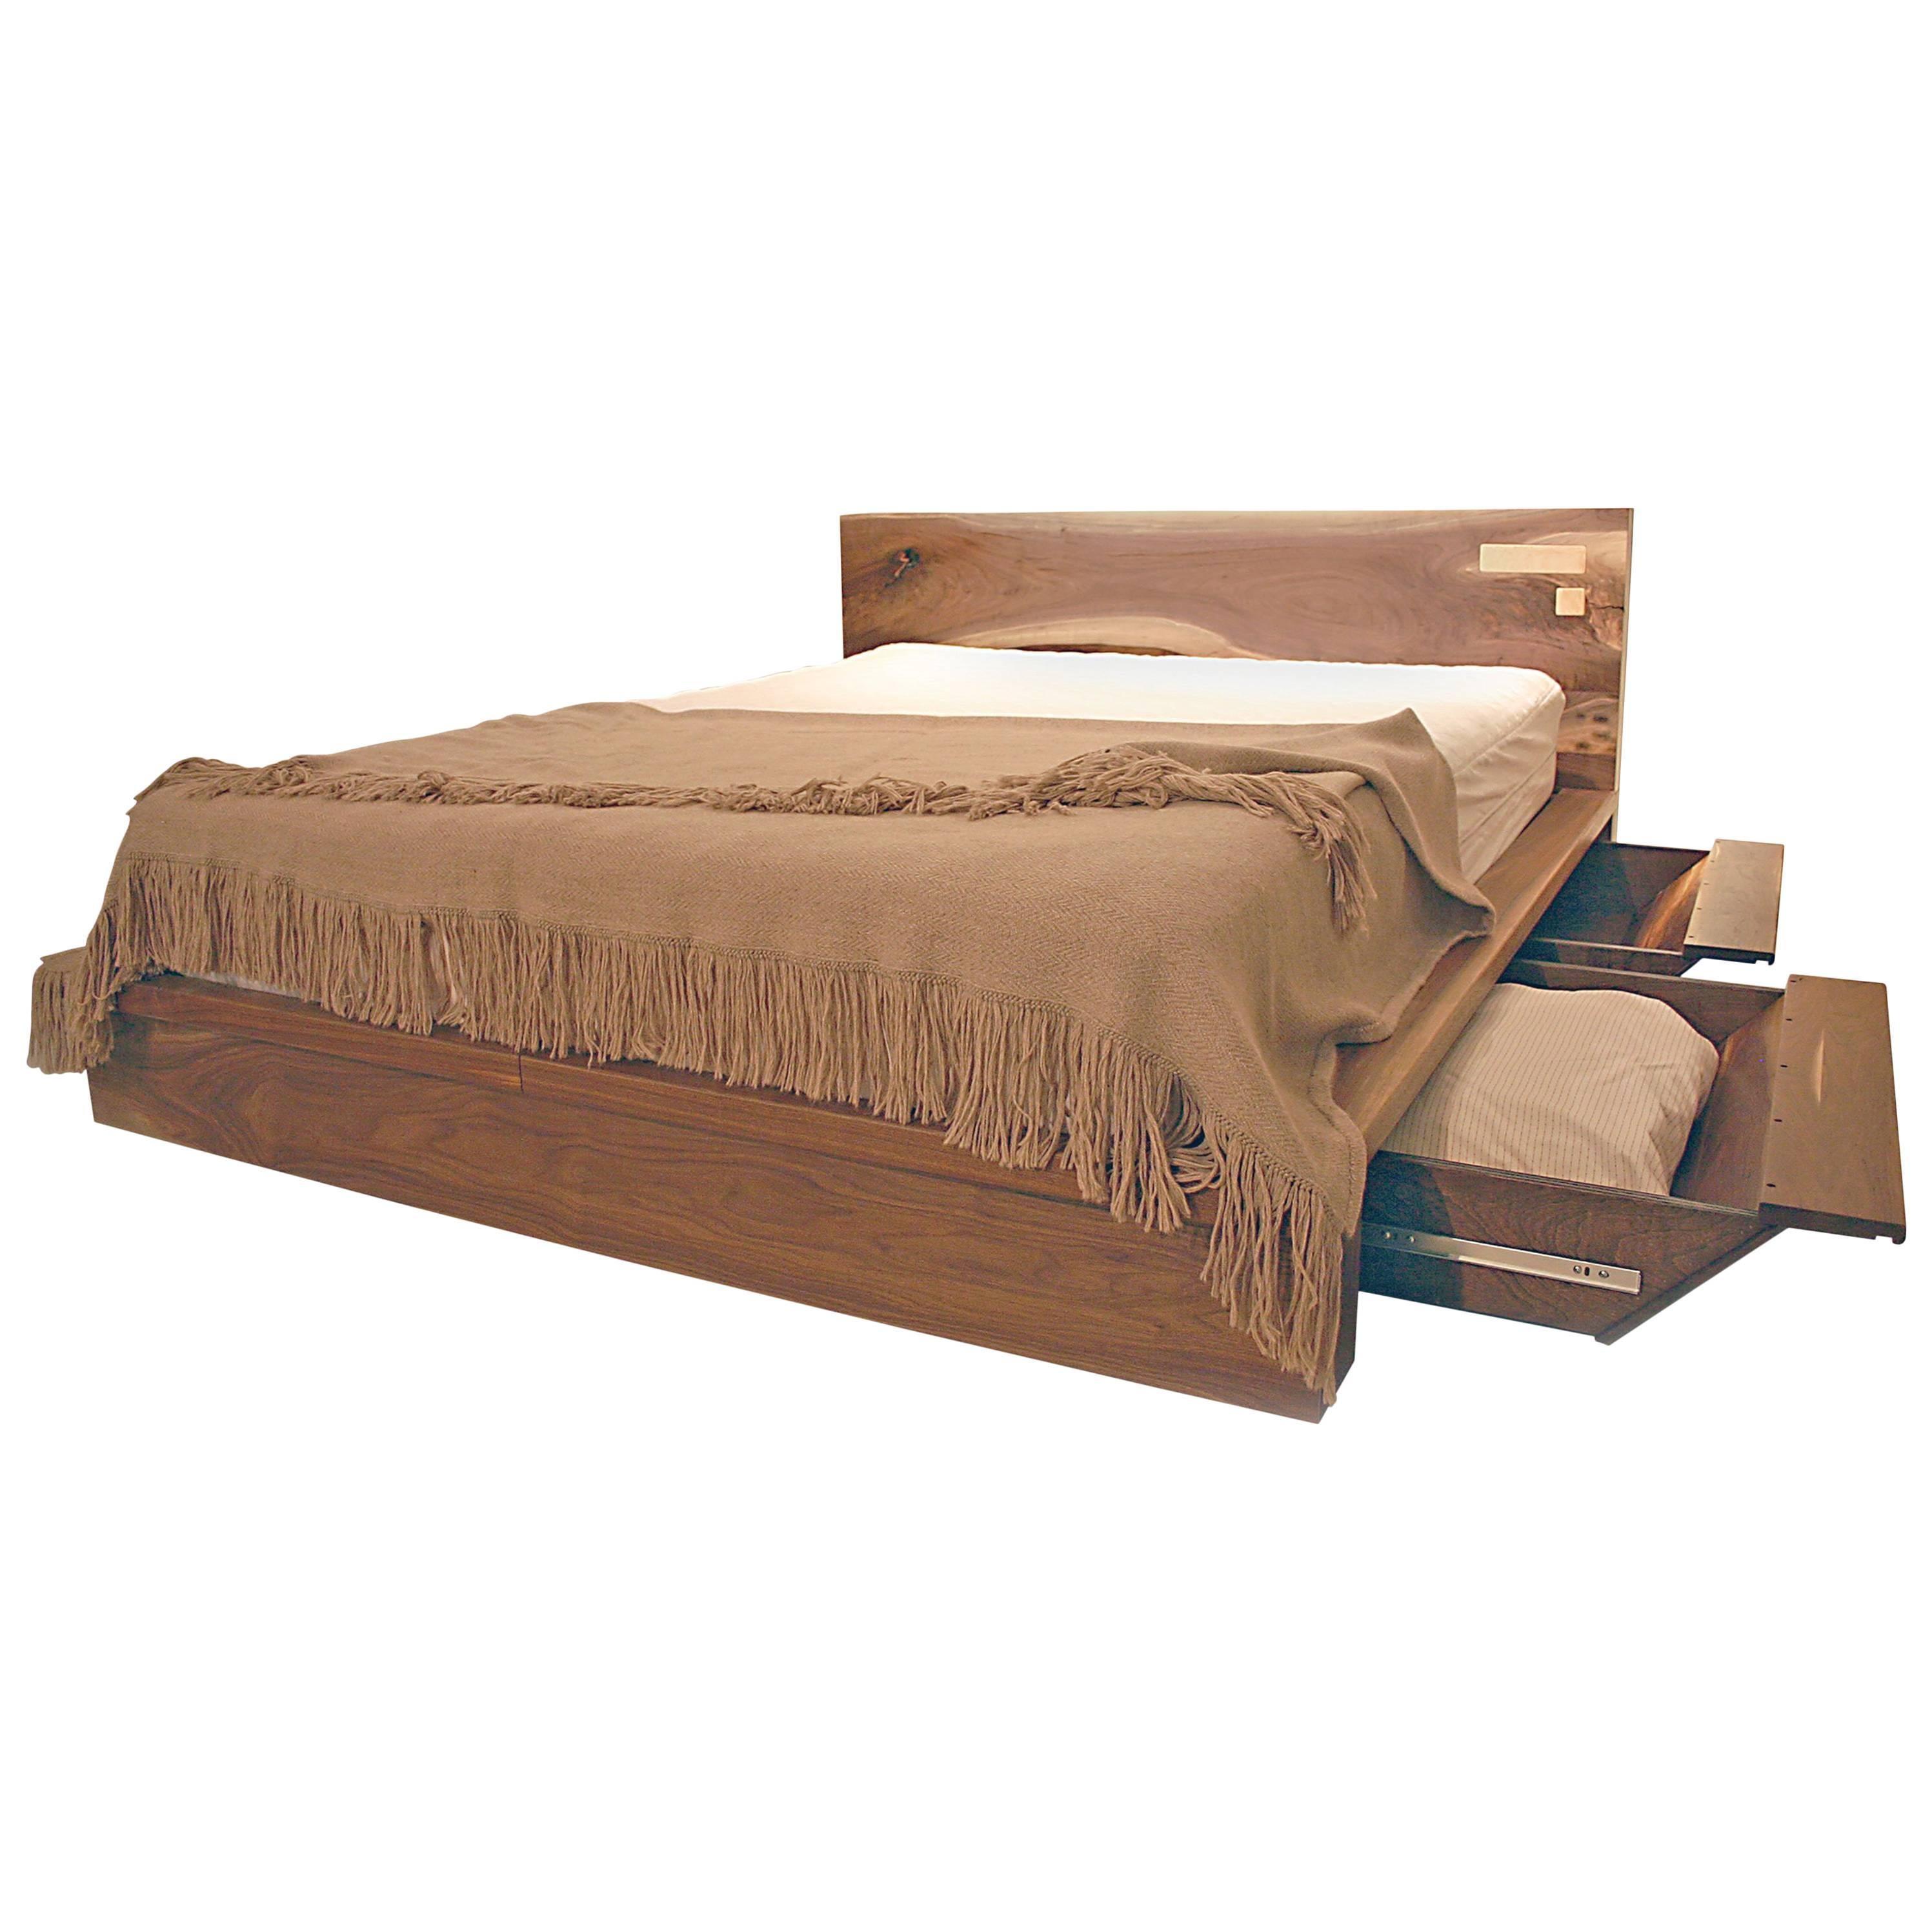 Shimna Liffey Platform Bed With Hidden Storage Drawers Queen Size